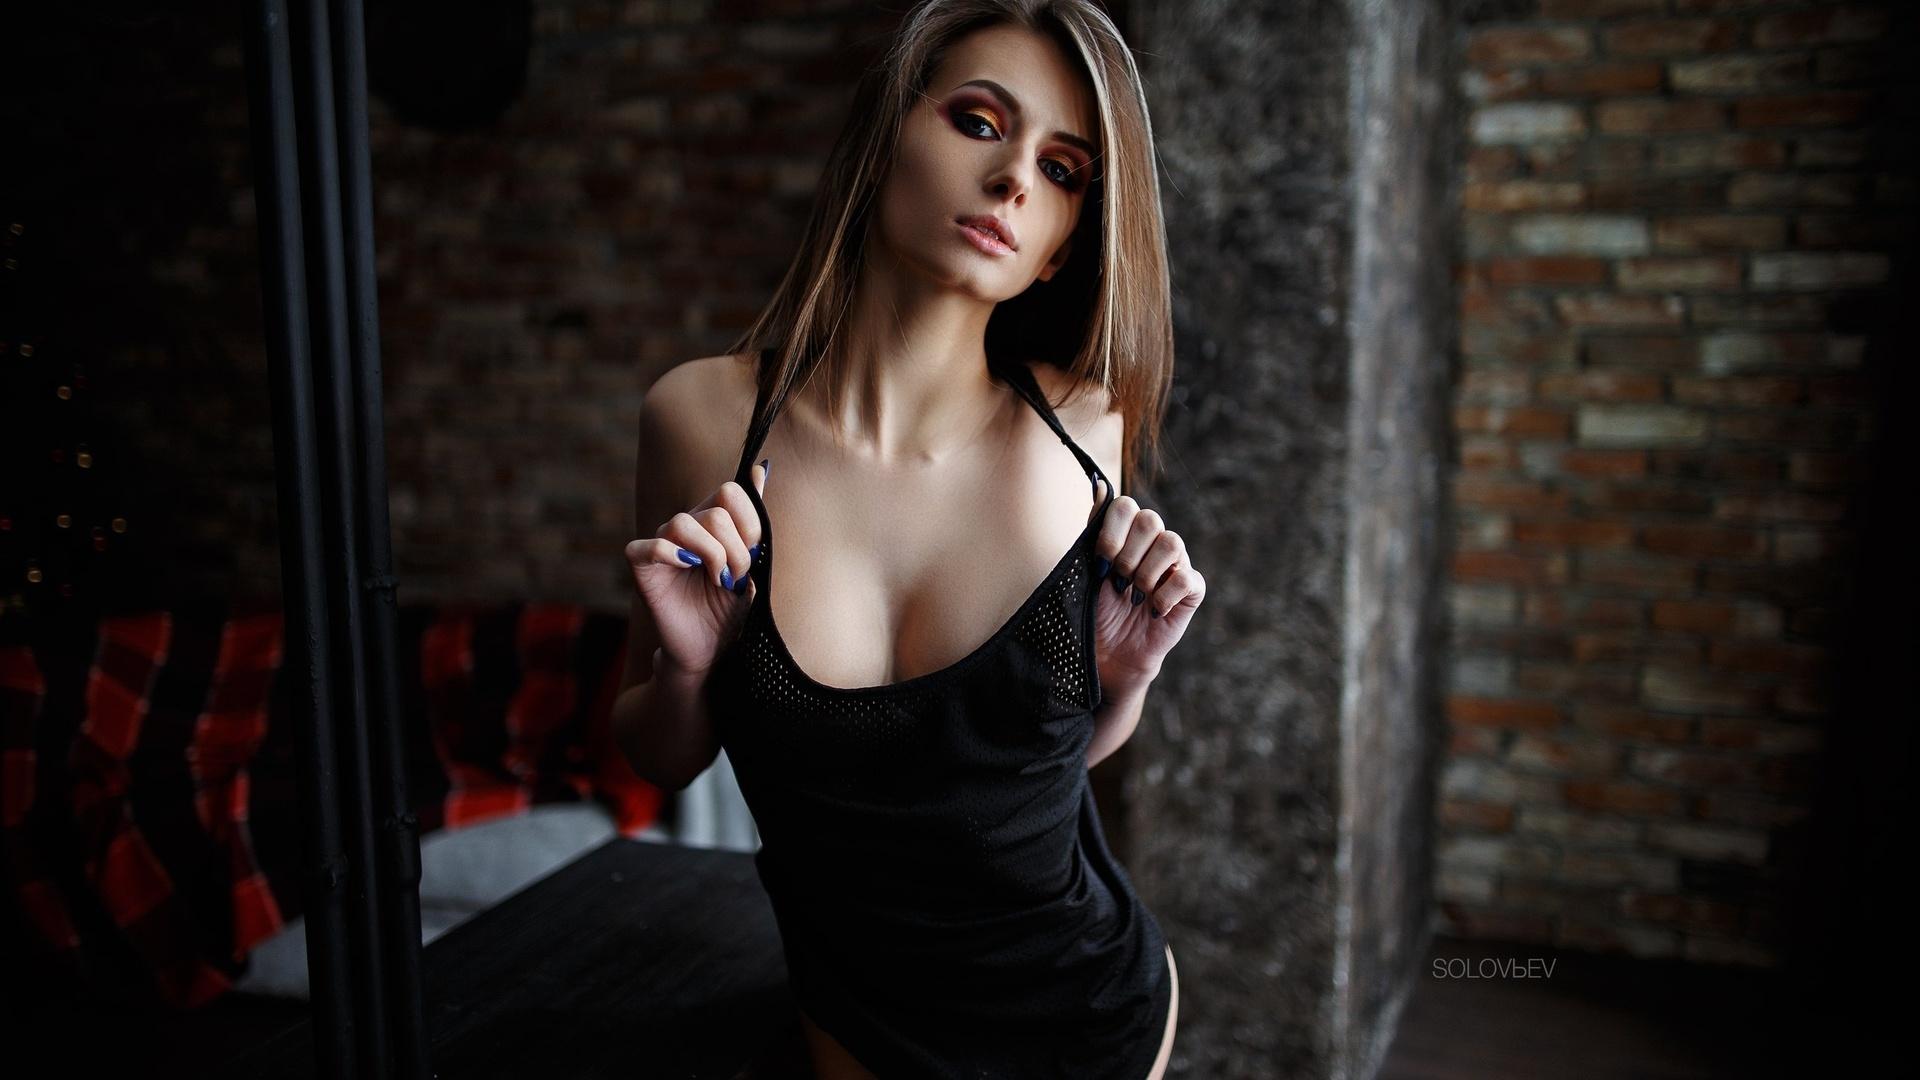 hot boobs hd girls